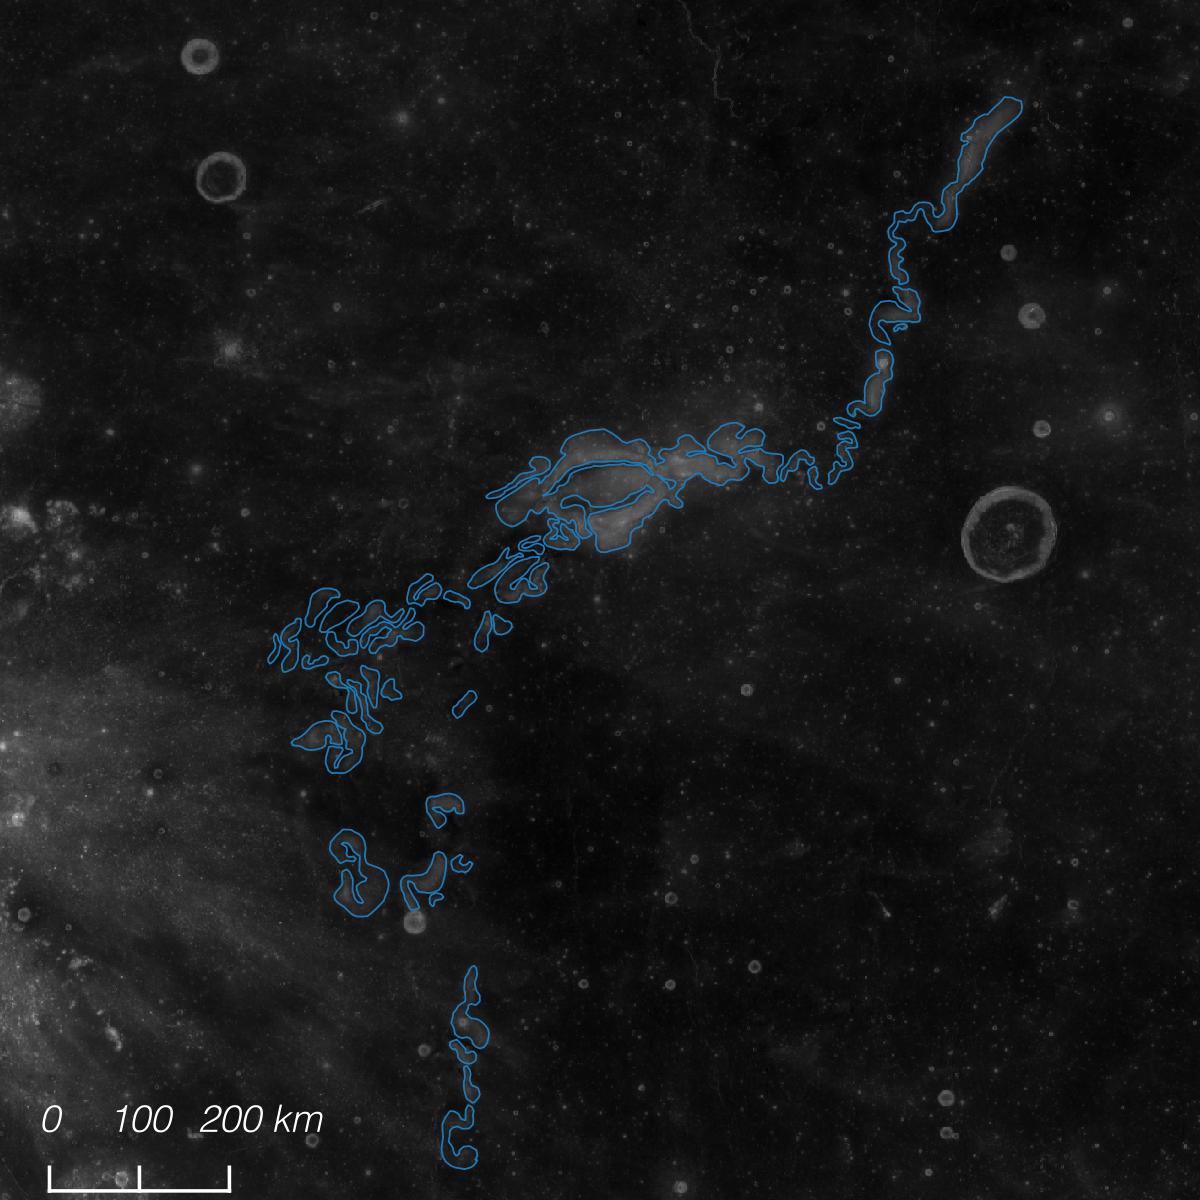 Lunar_swirls